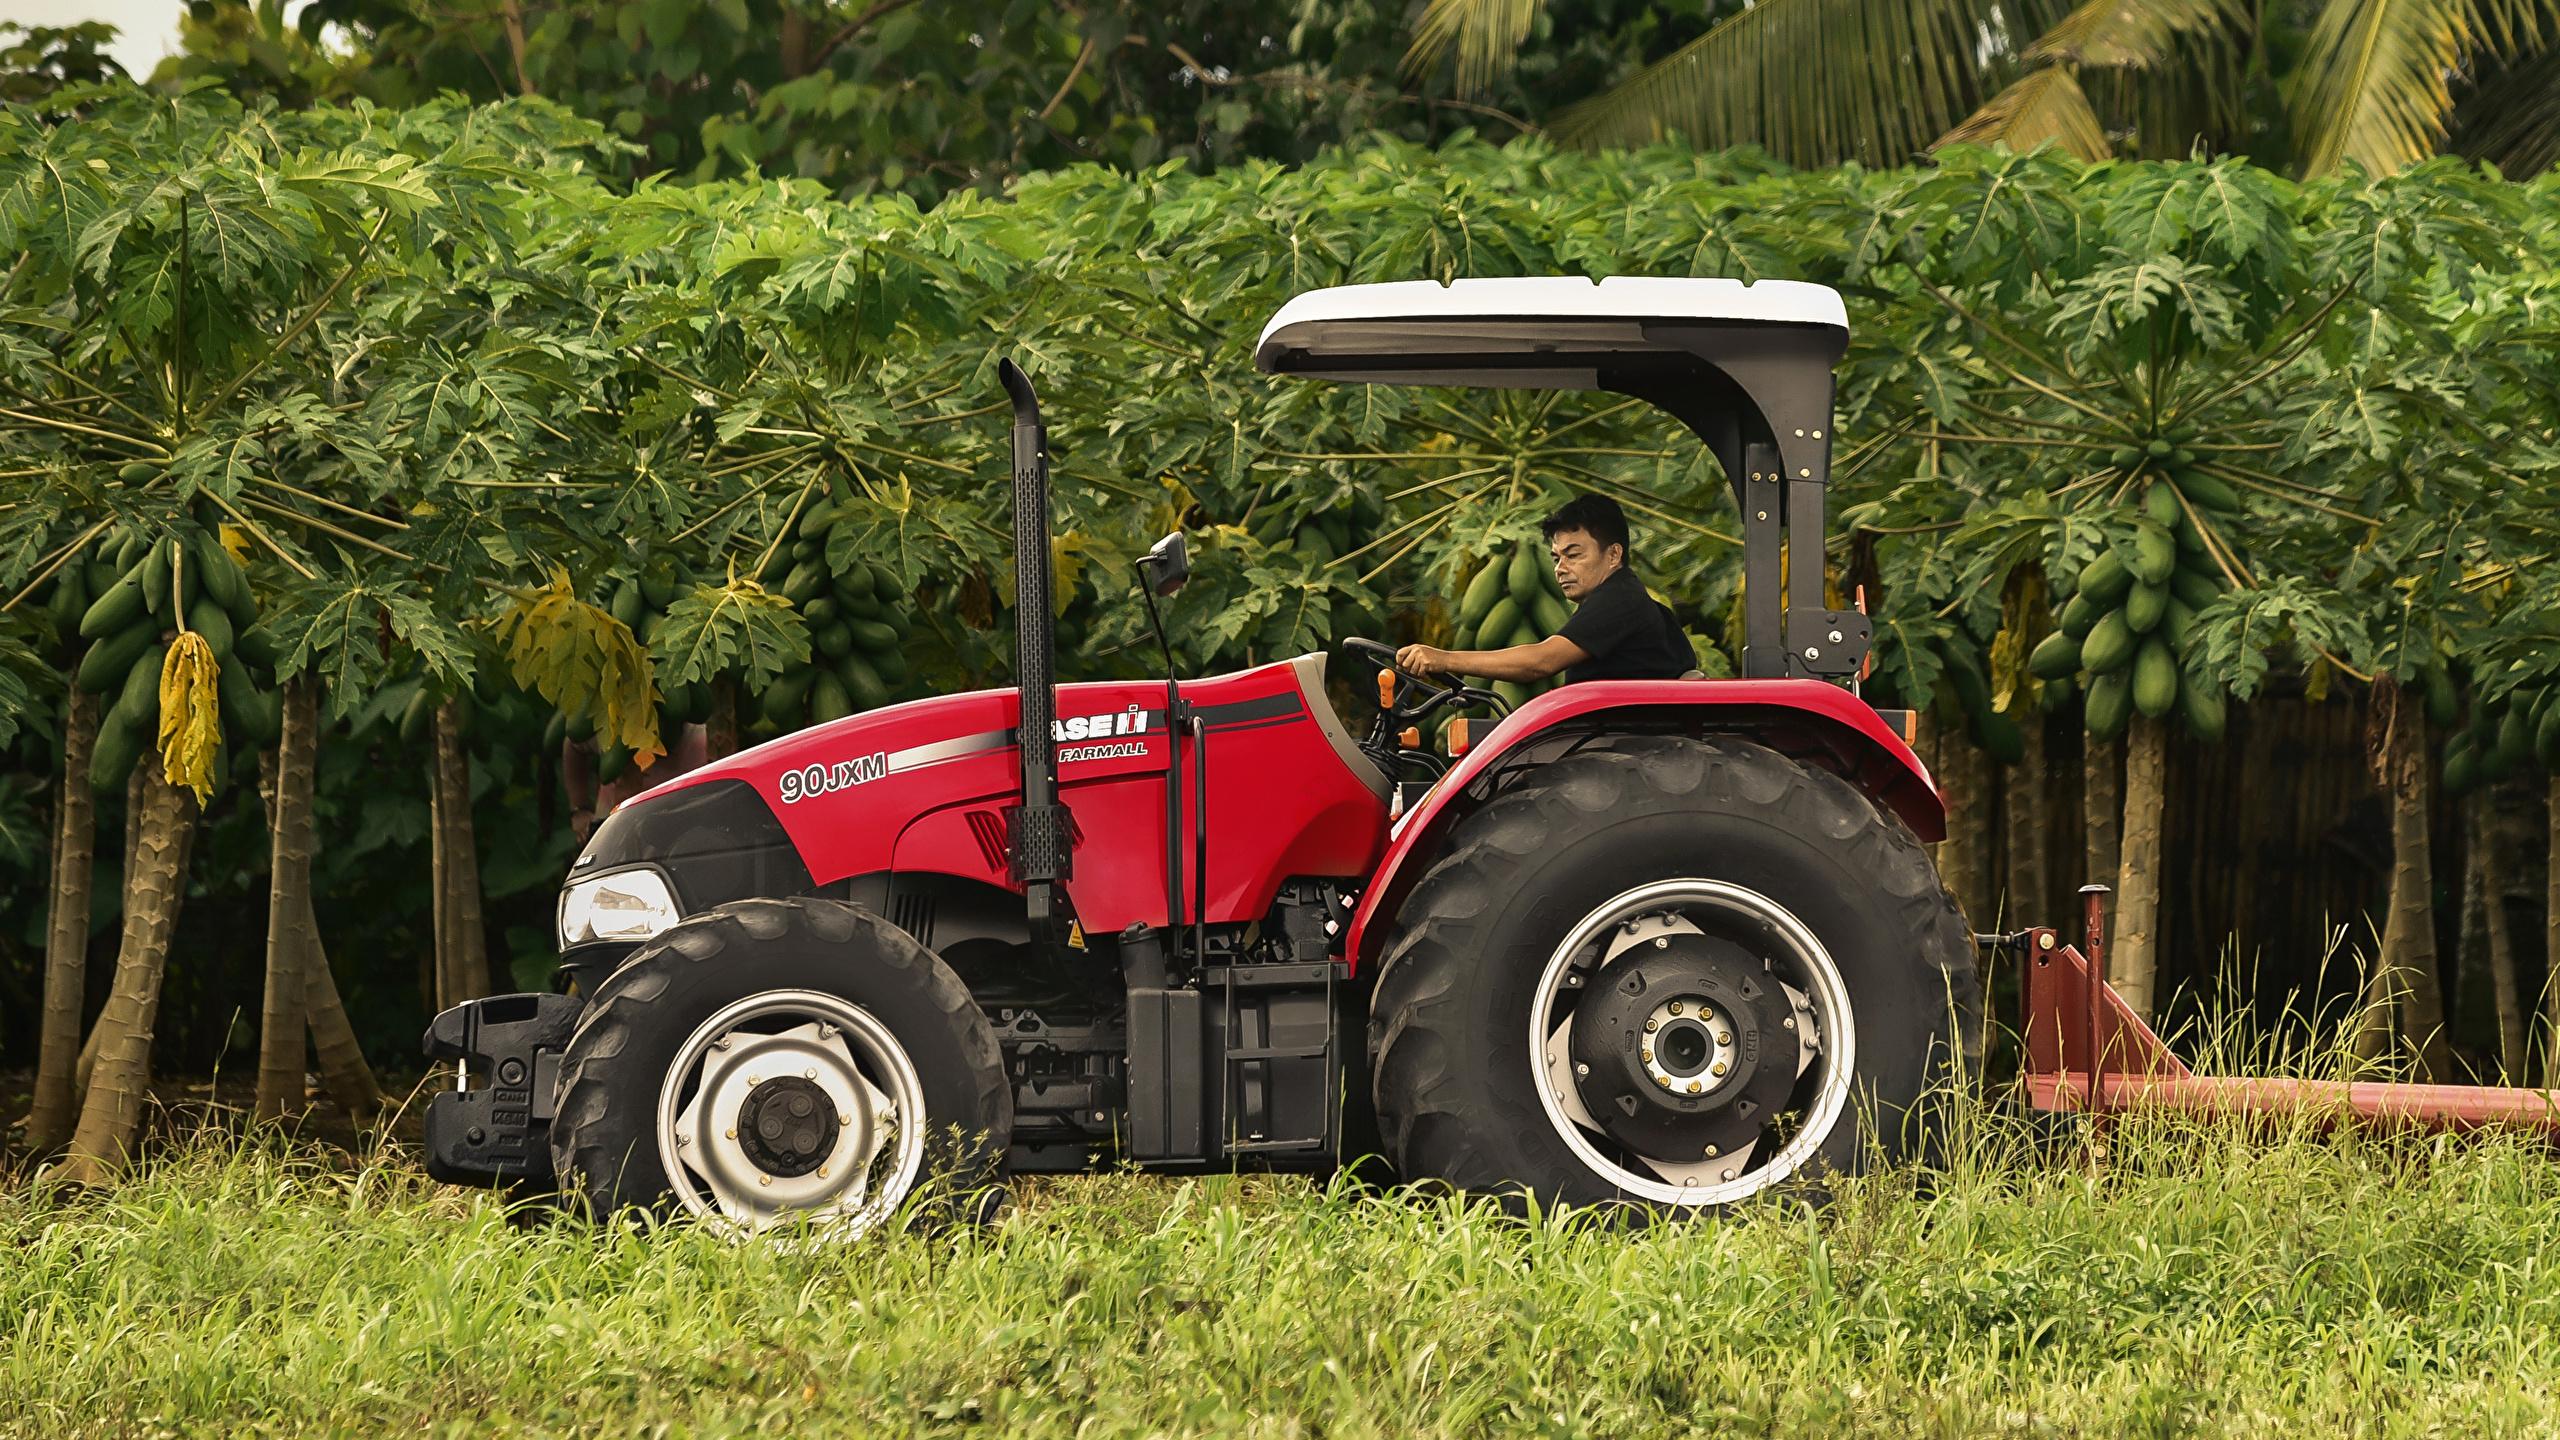 Картинка Сельскохозяйственная техника трактора 2015-19 Case IH Farmall 90JXM Сбоку 2560x1440 Трактор тракторы